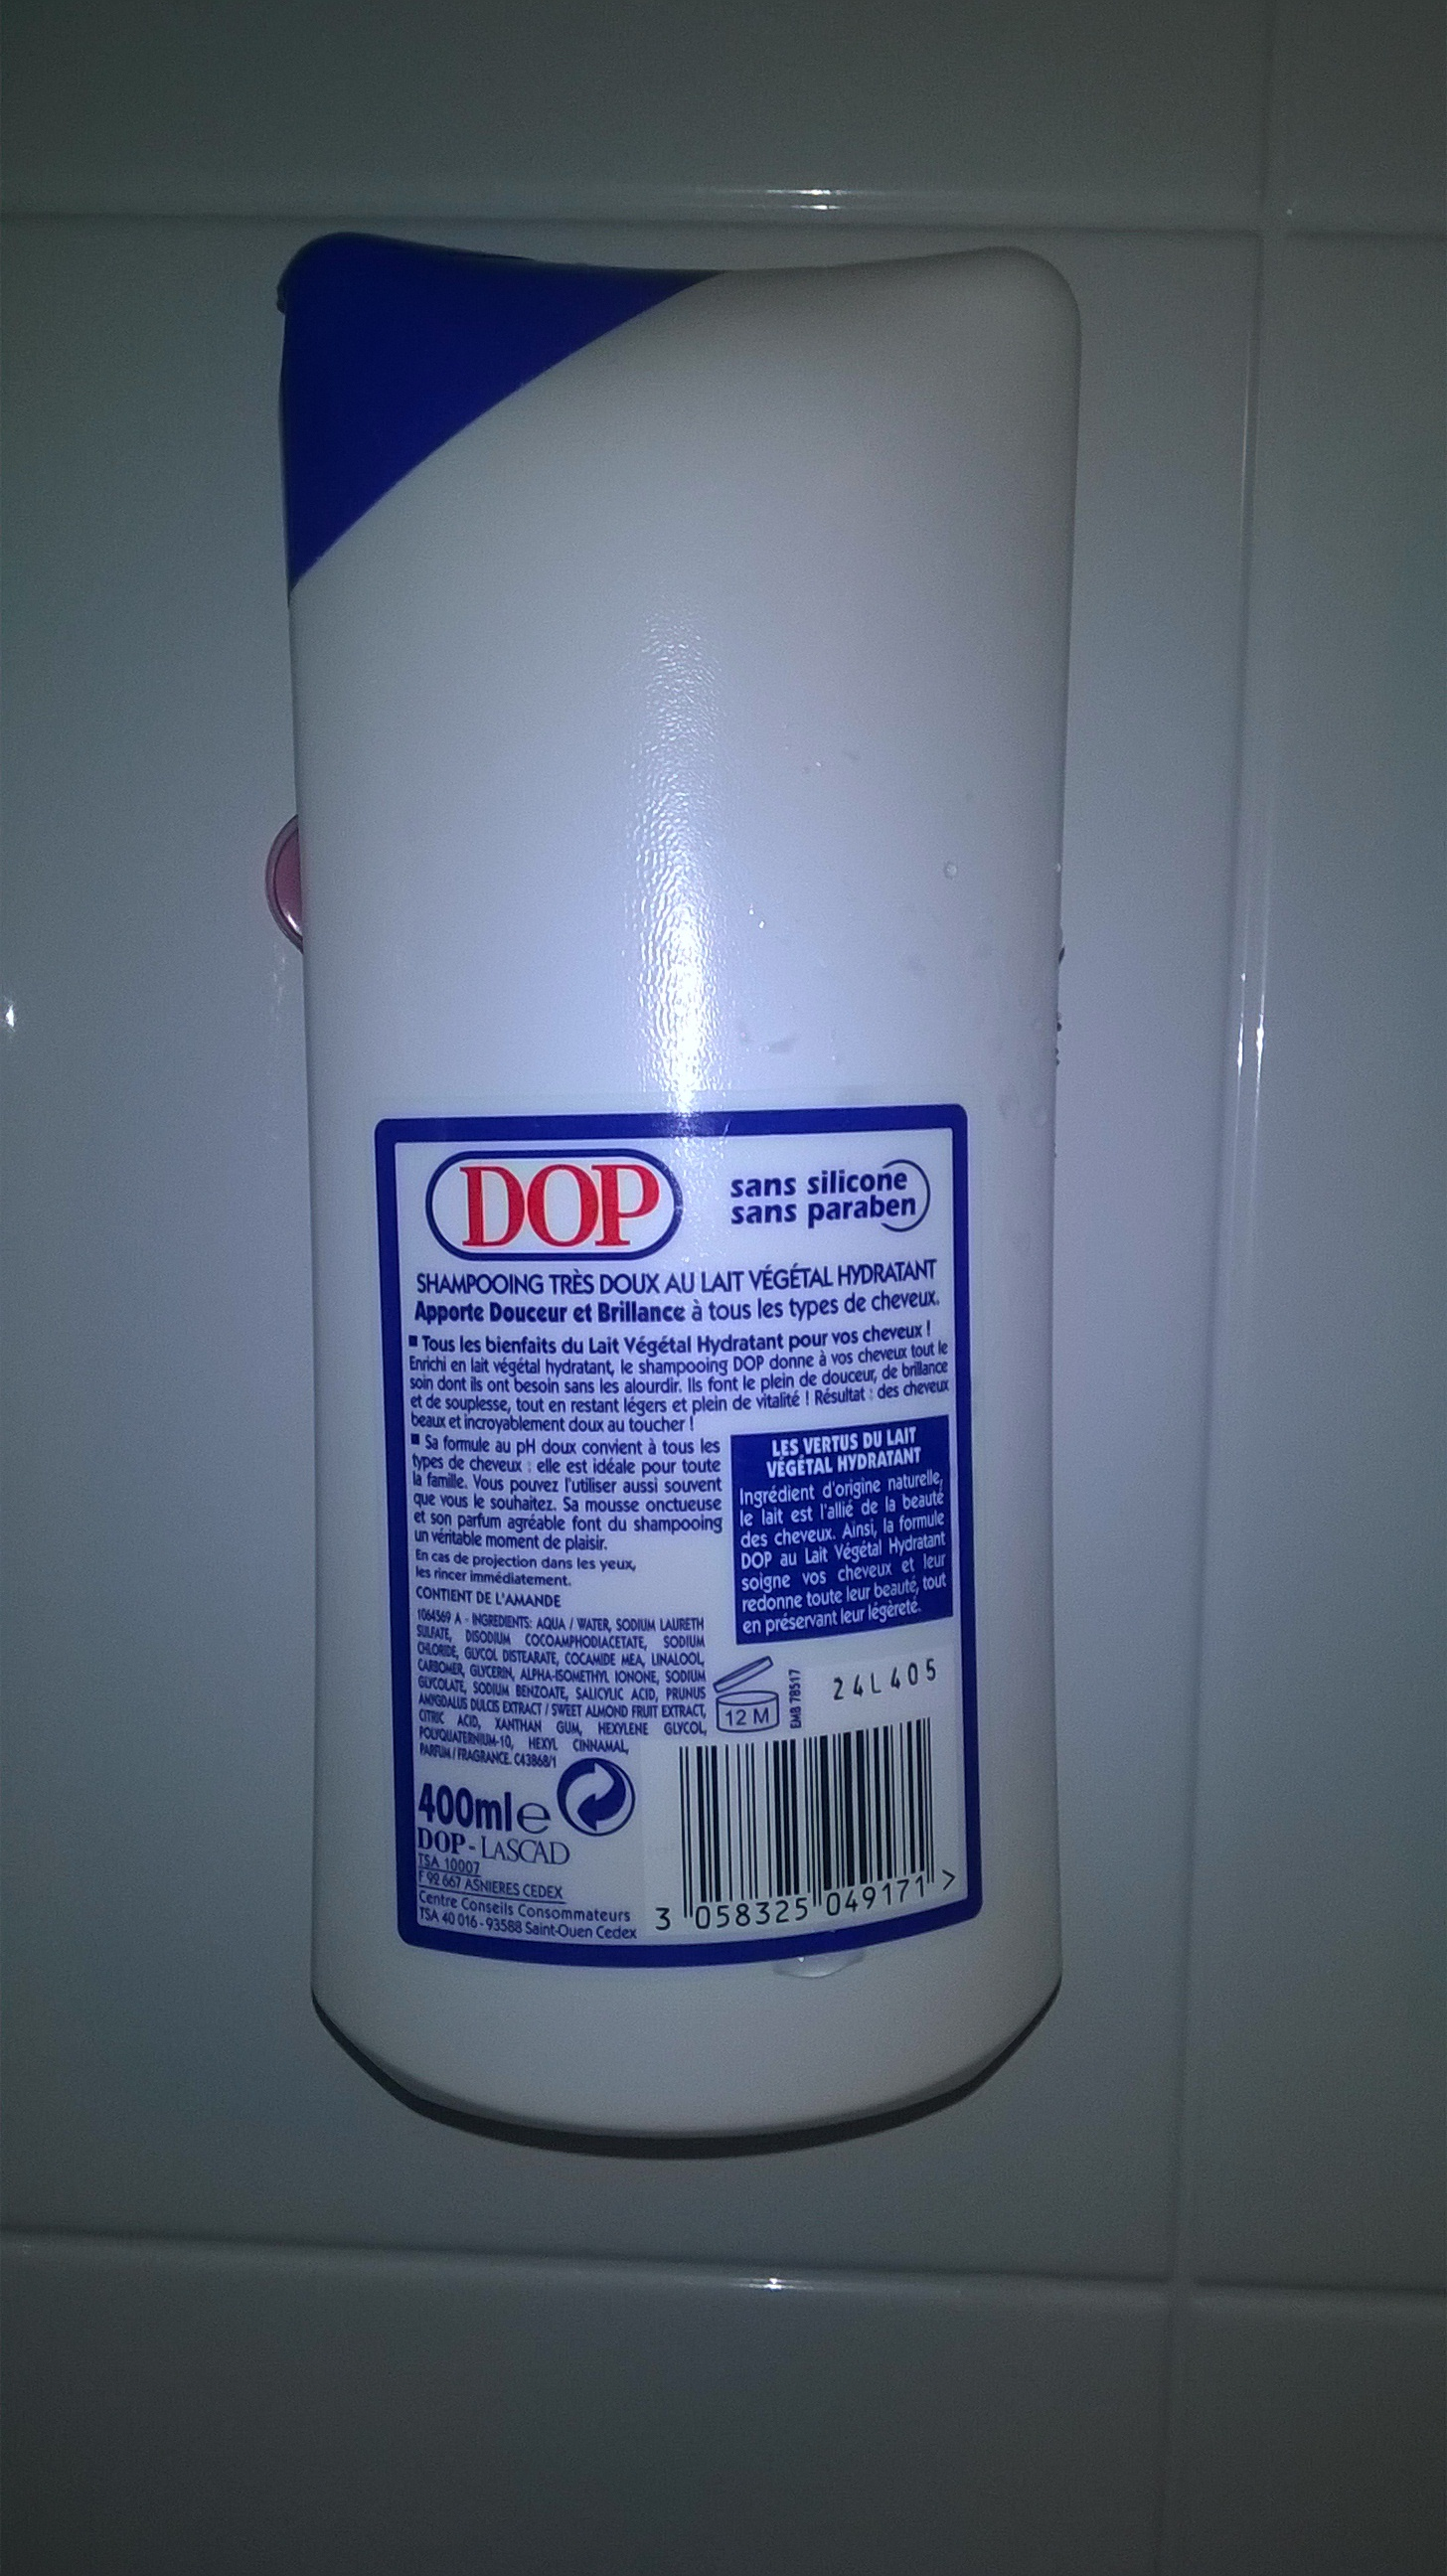 Shampooing Très Doux - au Lait Végétal de Dop